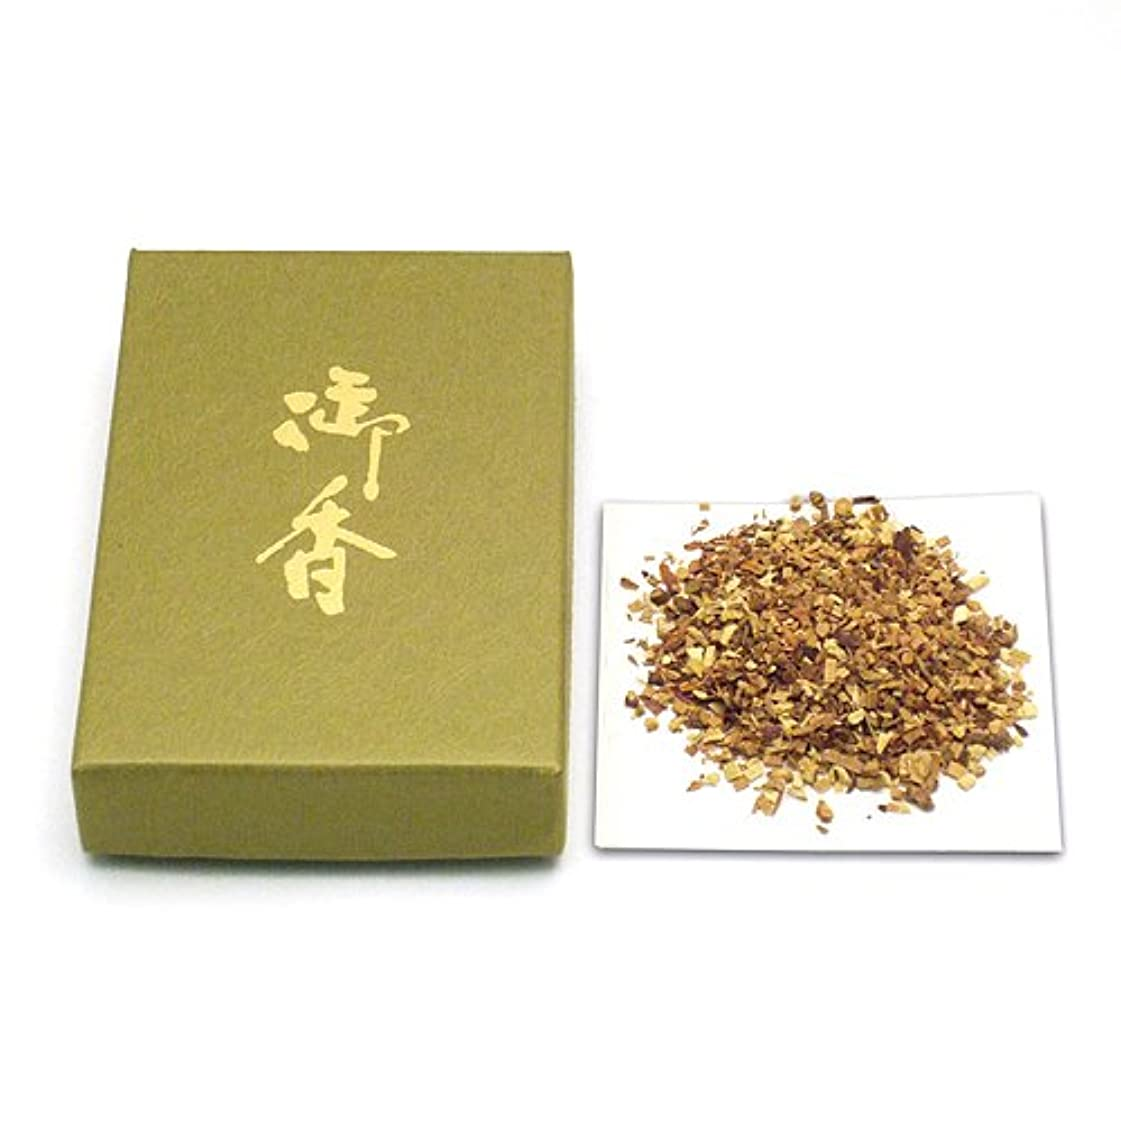 取得するスナップ時々時々焼香用御香 超徳印 25g◆お焼香用の御香